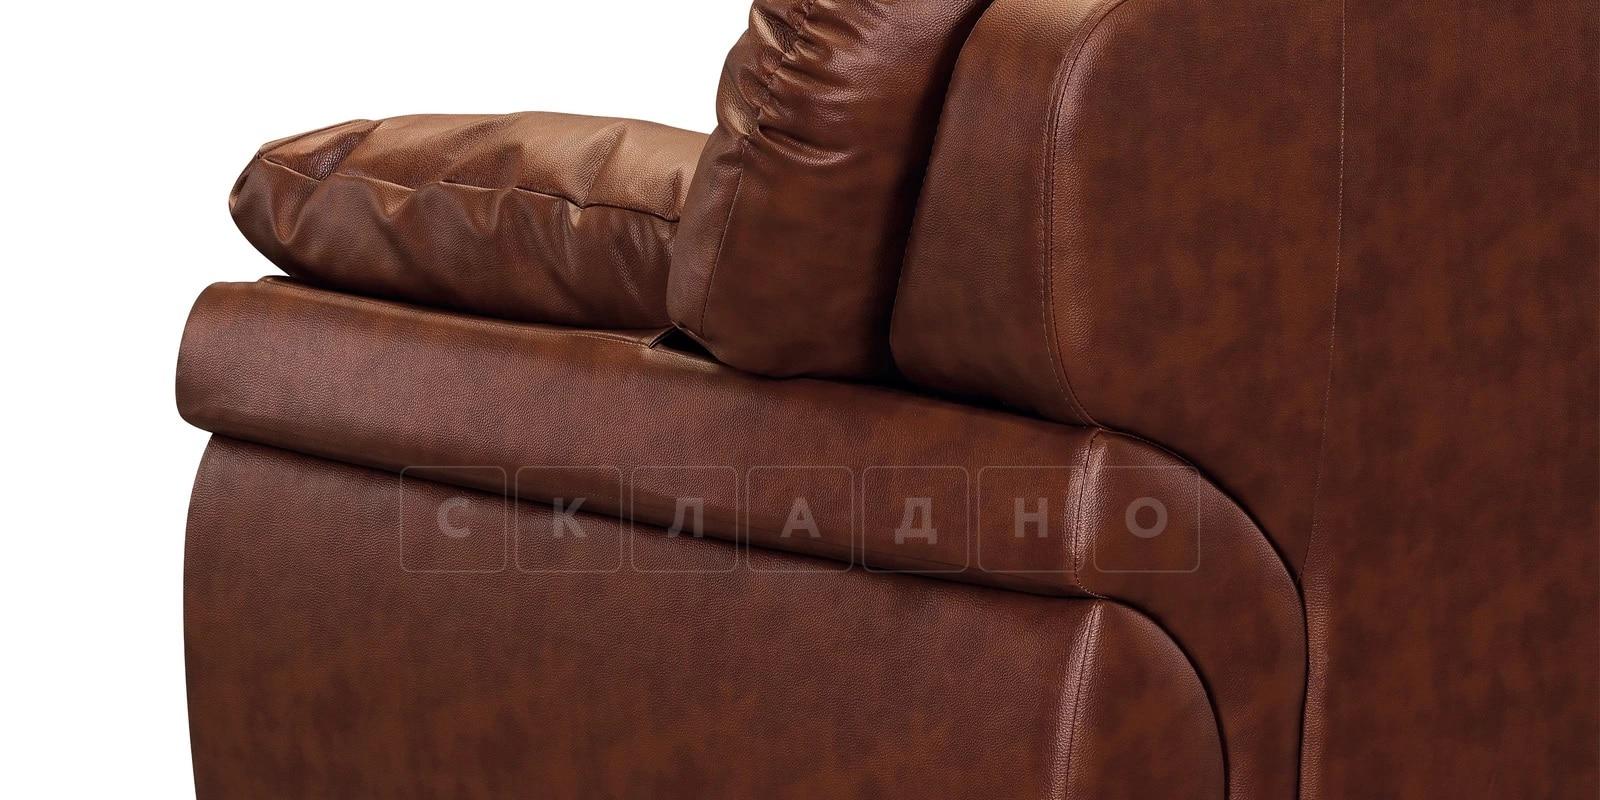 Кресло Бристоль кожаное коричневого цвета фото 7 | интернет-магазин Складно